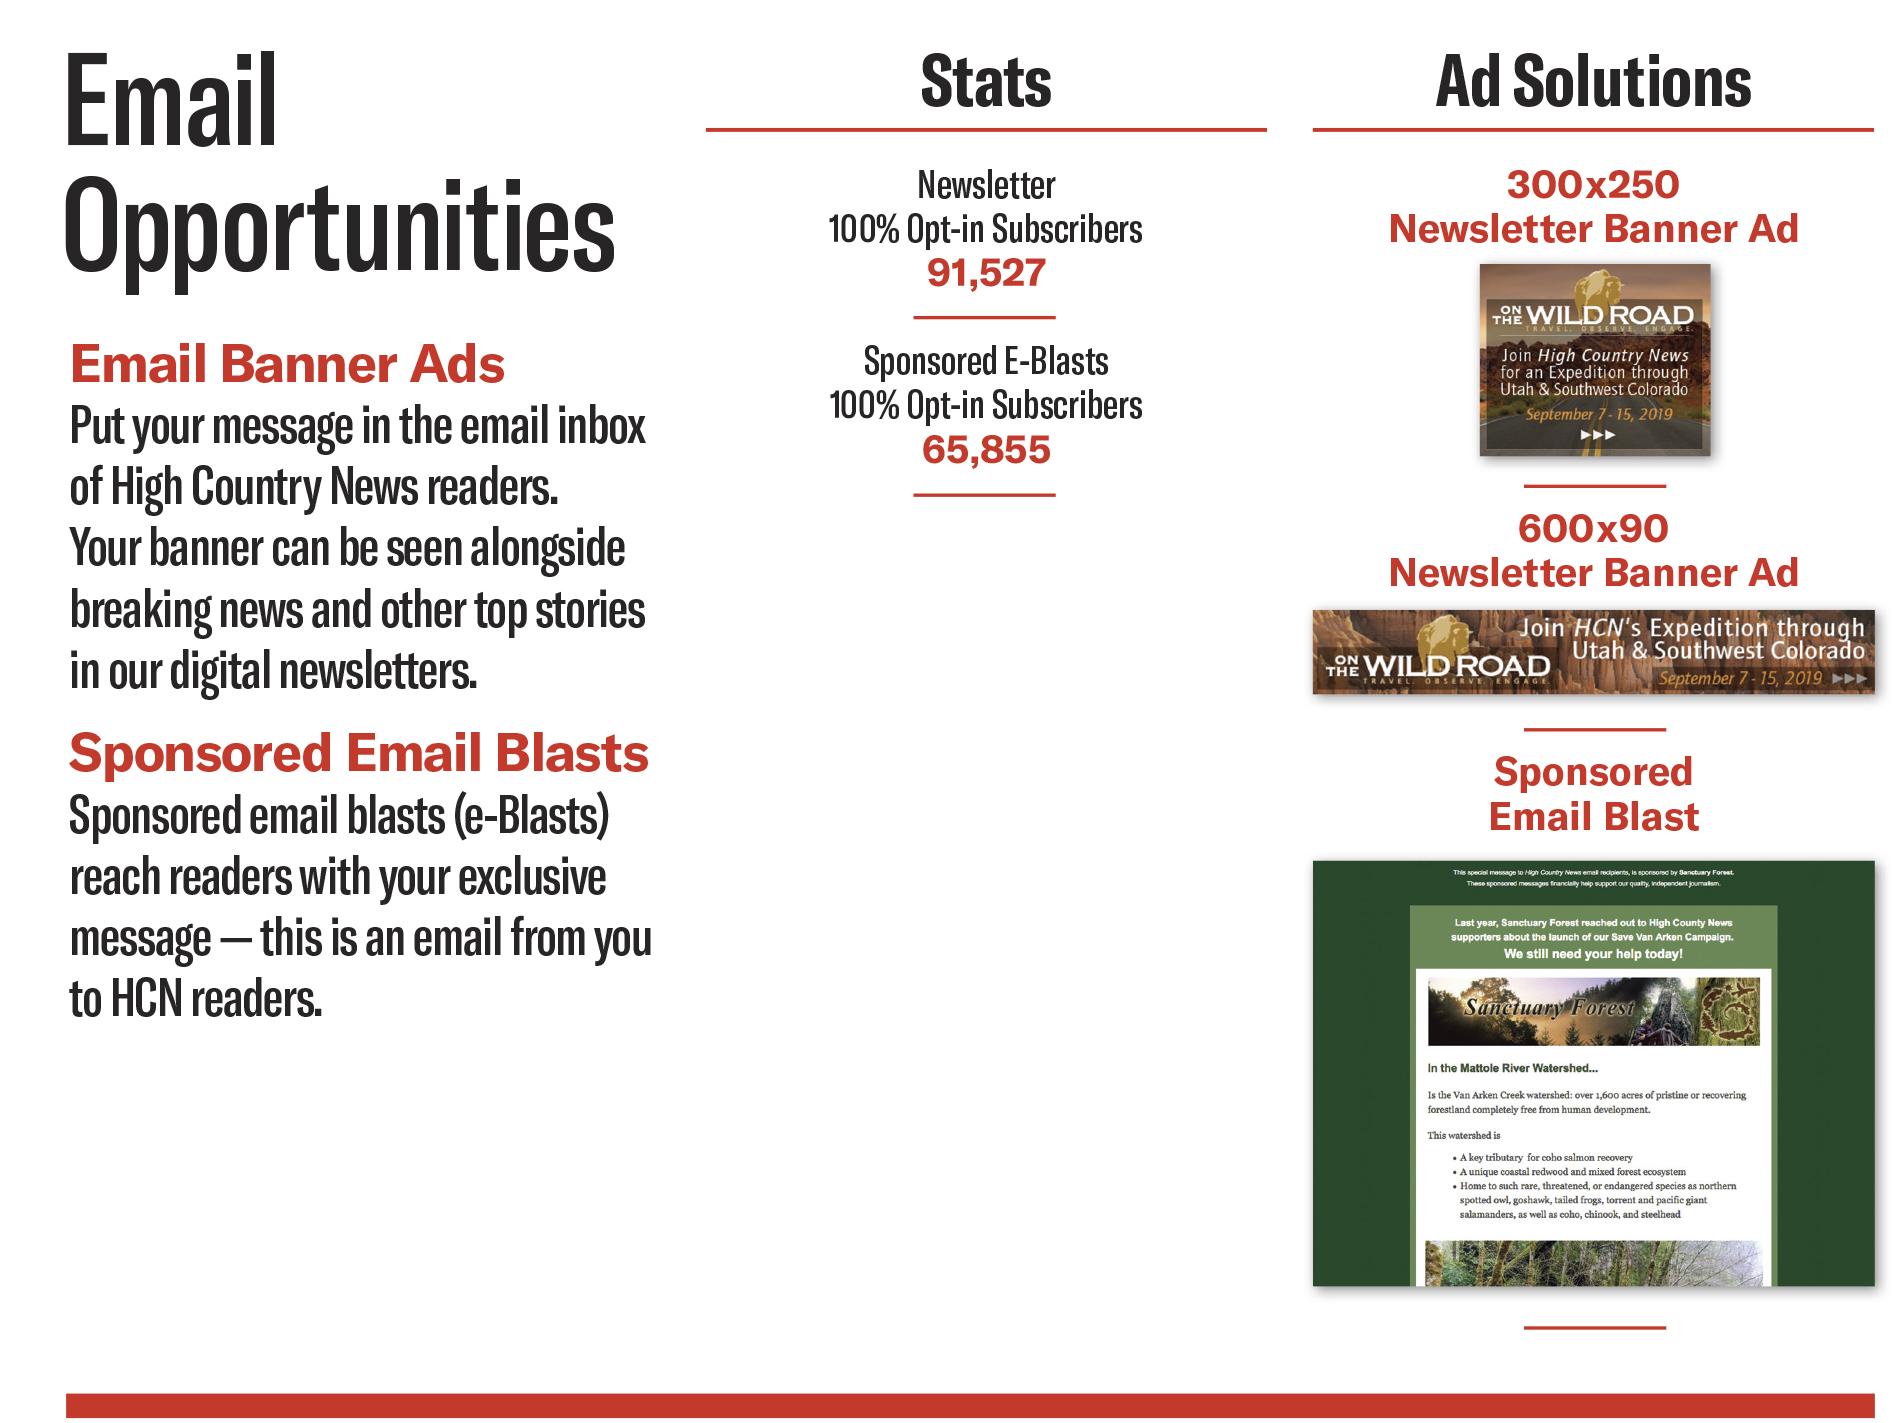 Email Opportunites.jpg